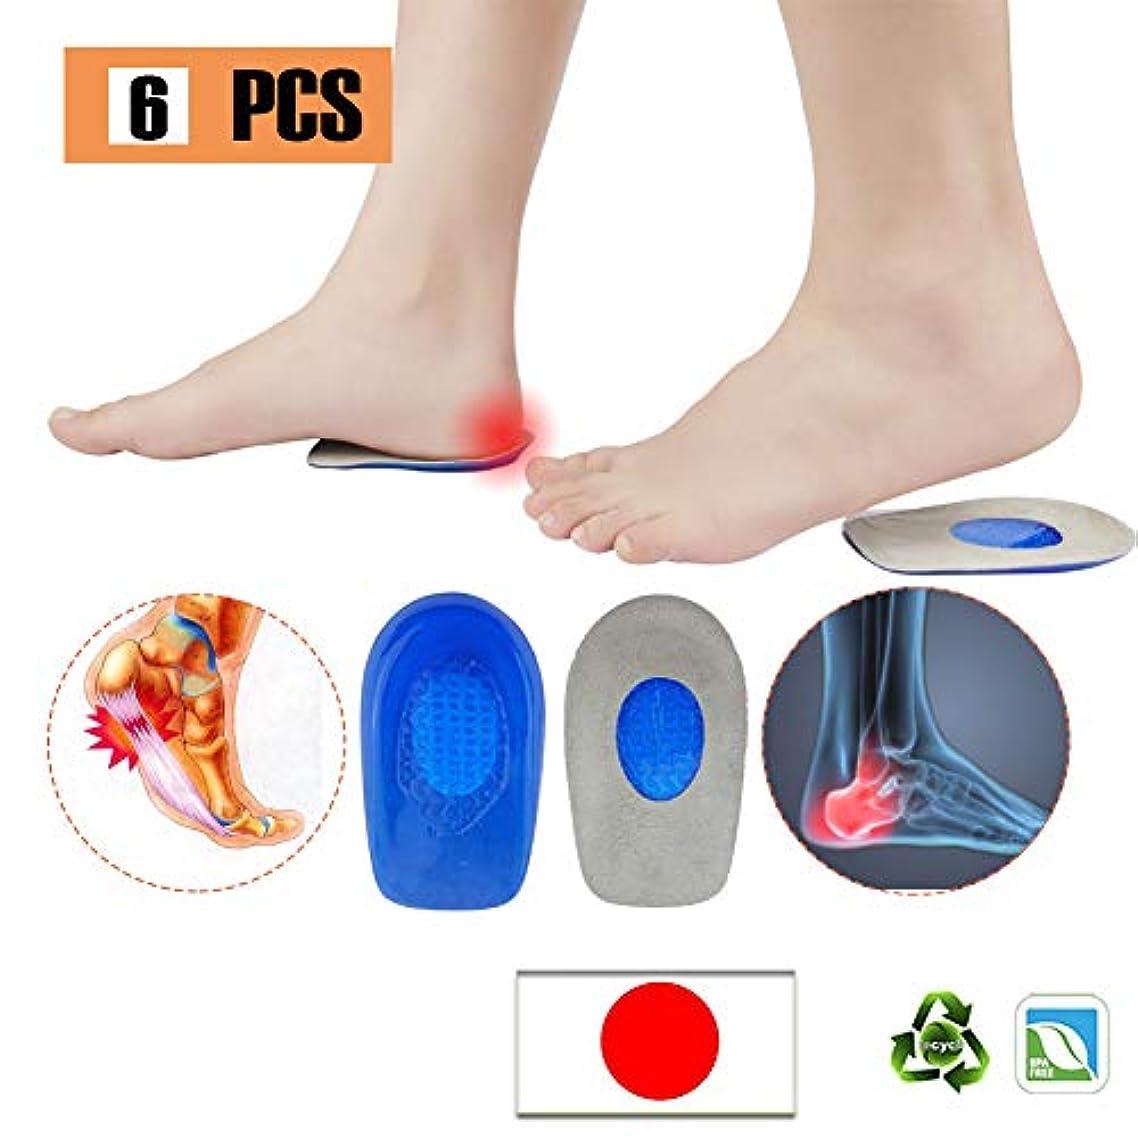 の間に未払いアマチュア足底筋膜炎インサート かかと中敷き ヒールカップ ゲル ヒールパッド クッション (3ペア)ヒールインサート 踵の痛みに最適 アキレス腱炎 男女兼用